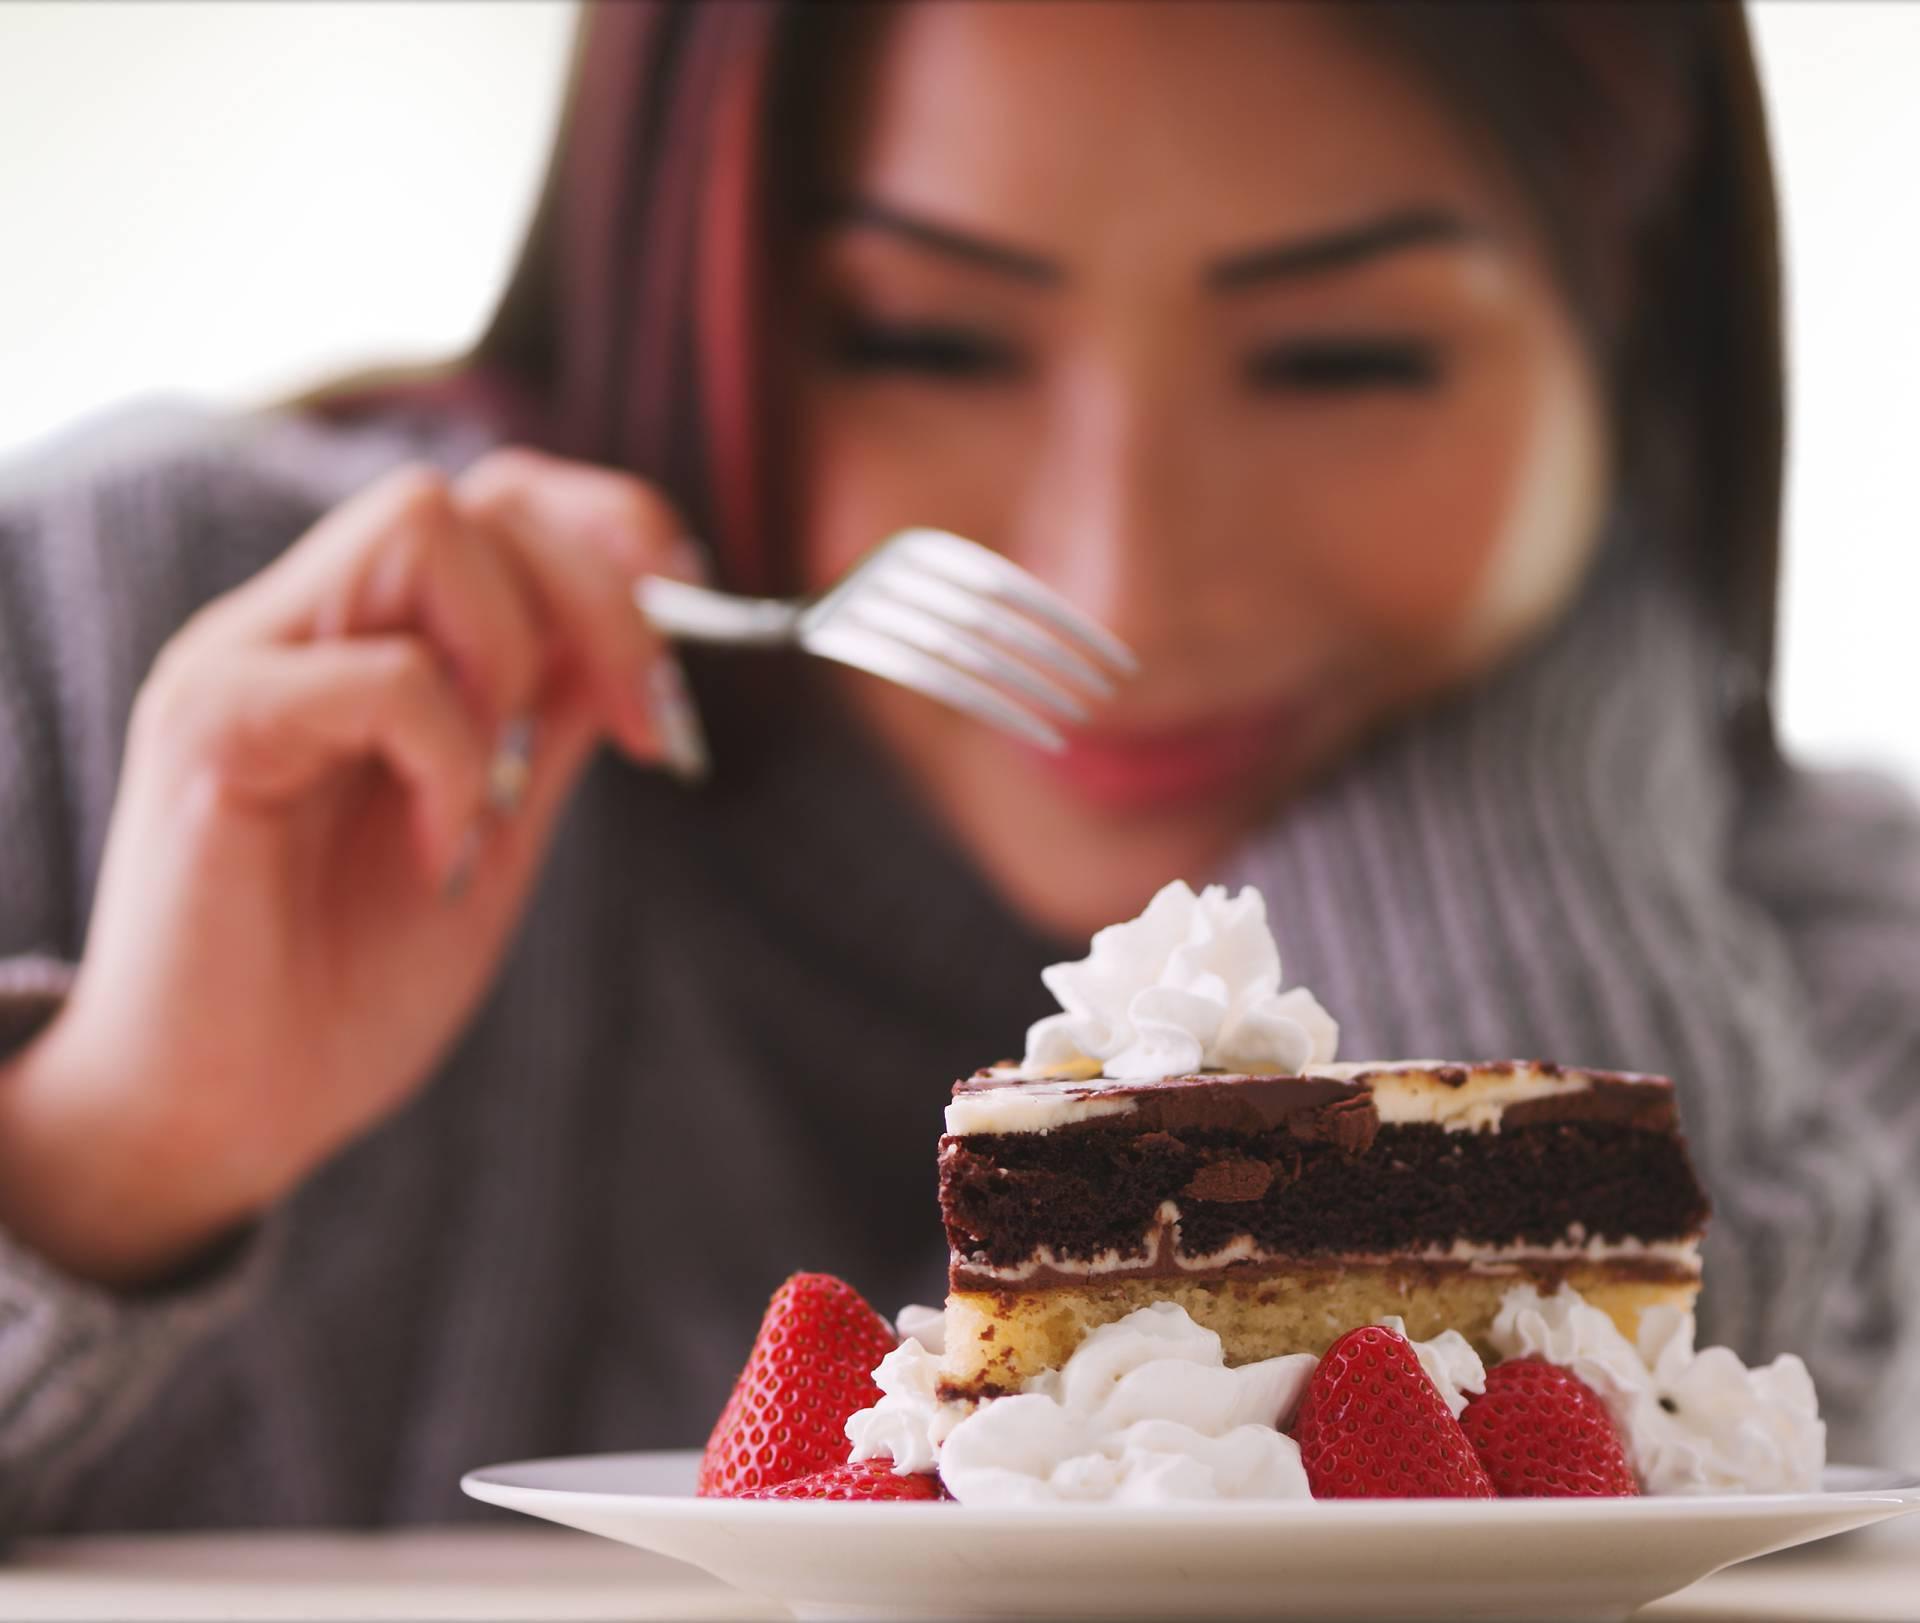 Nije dobro iz prehrane izbaciti šećer, čak ni kada ste na dijeti